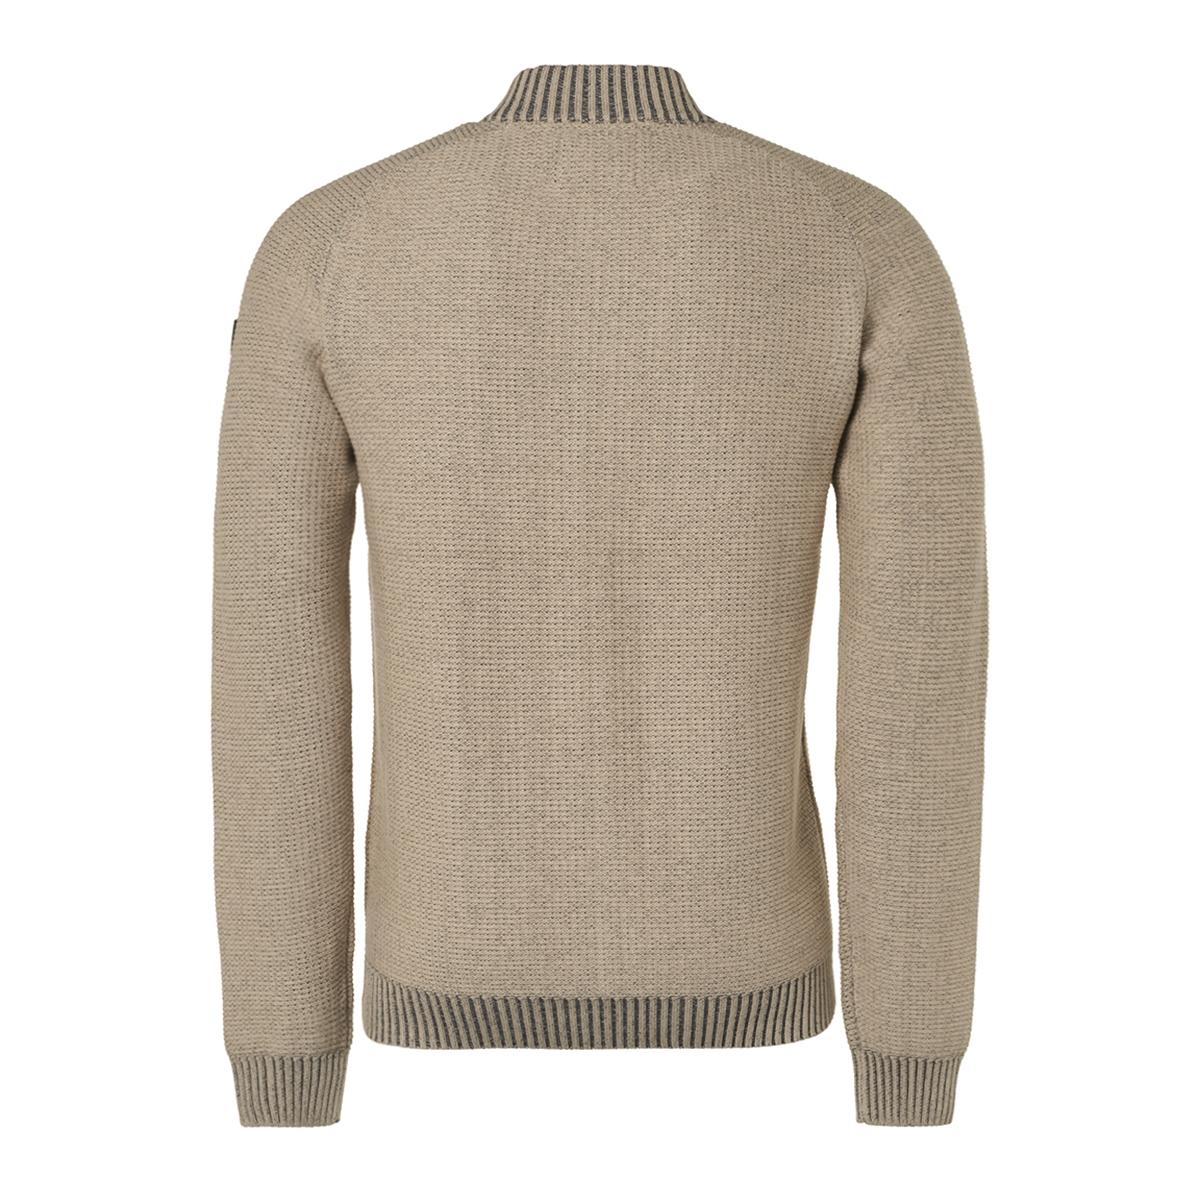 full zip raglan cardigan 93231012 no-excess vest 015 sand